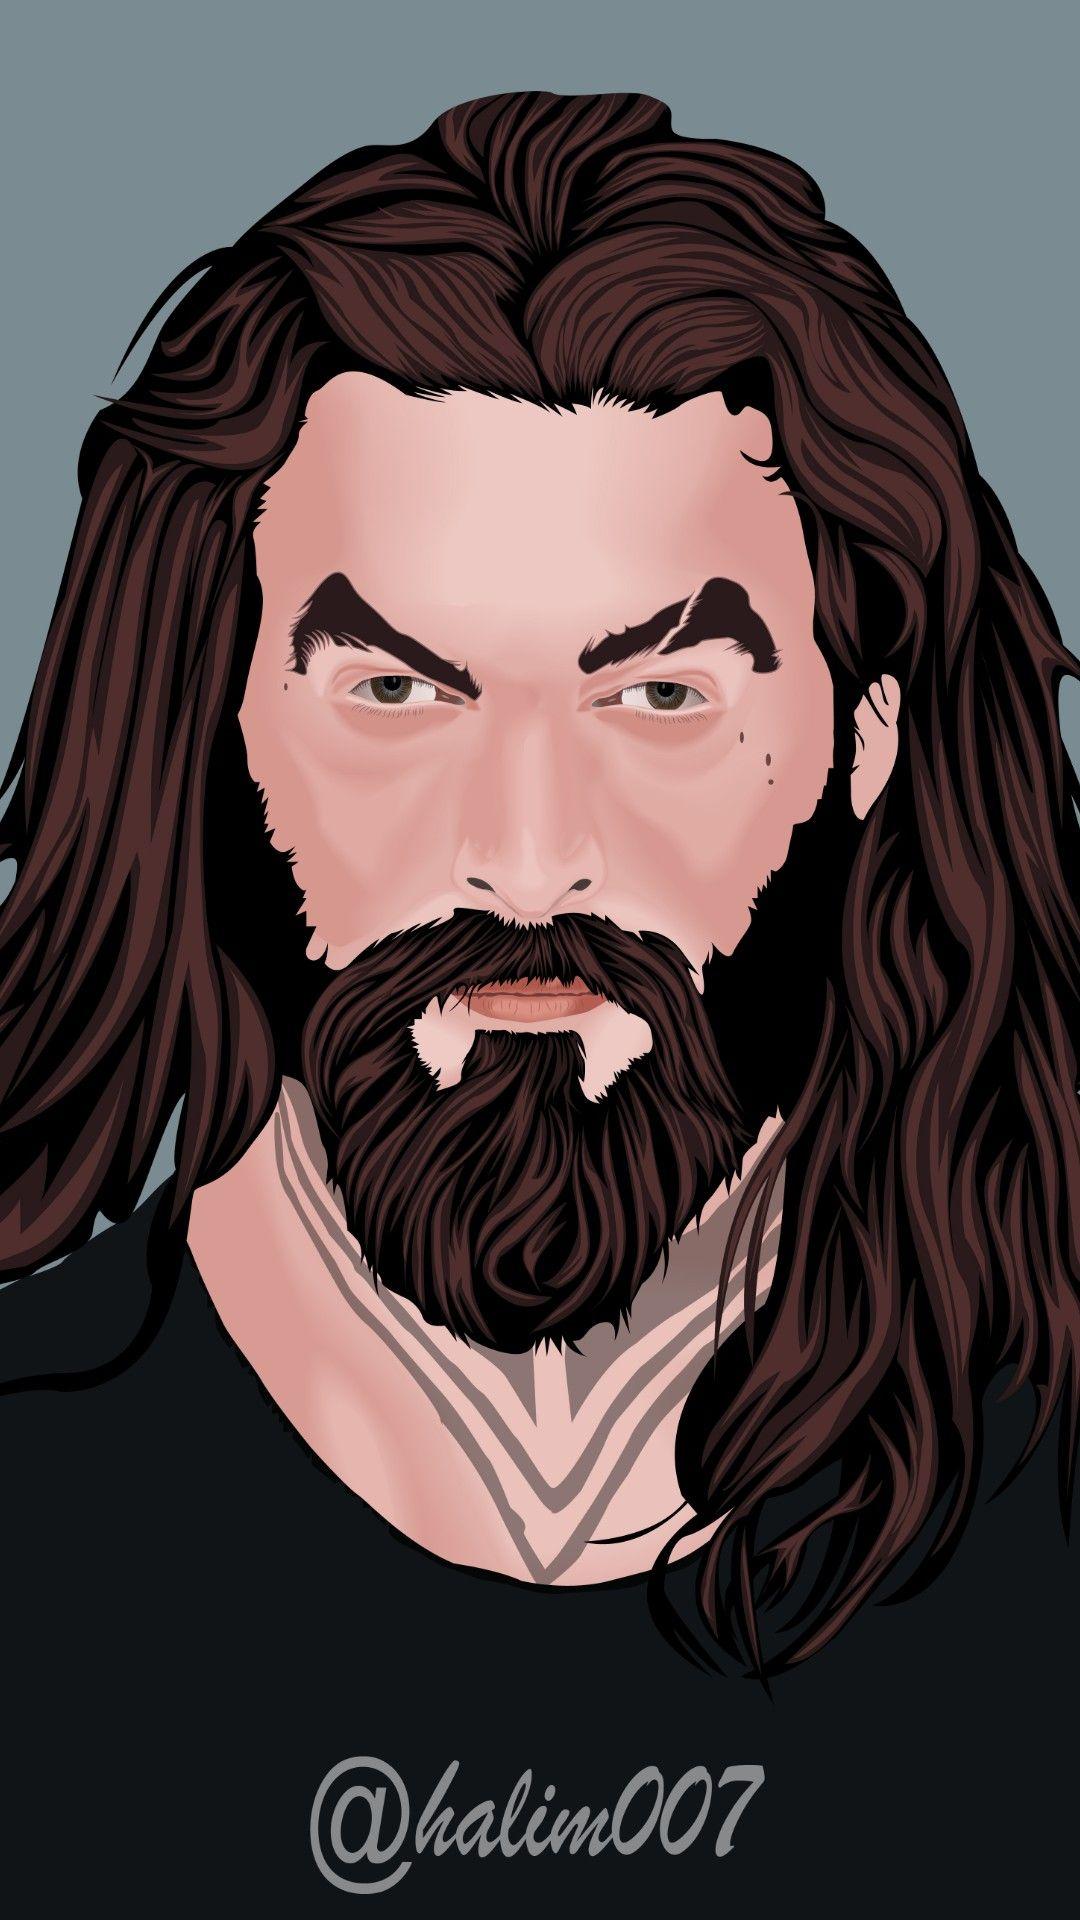 illustrator design Digital Art Clip art portrait vector Vector design Vector art design Vector digital